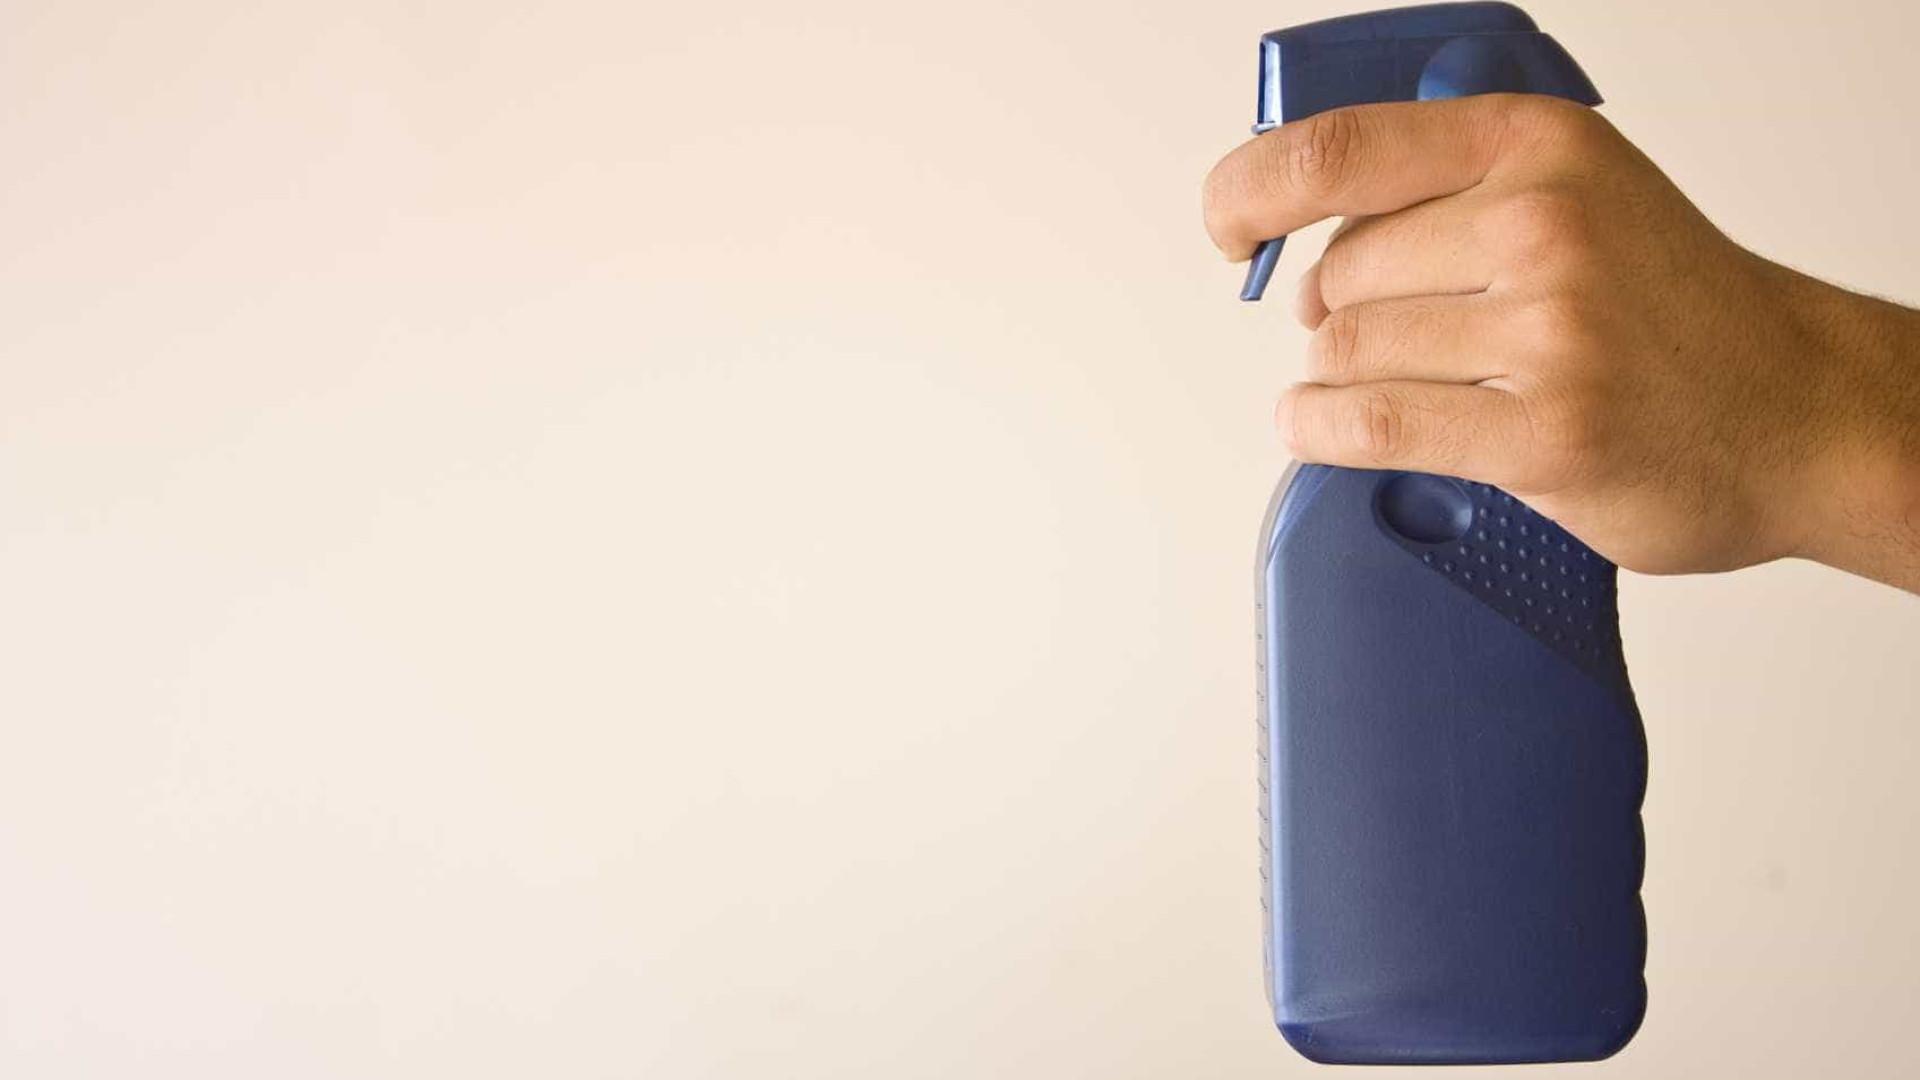 Dicas práticas de uso da água sanitária  na limpeza da casa; aprenda!